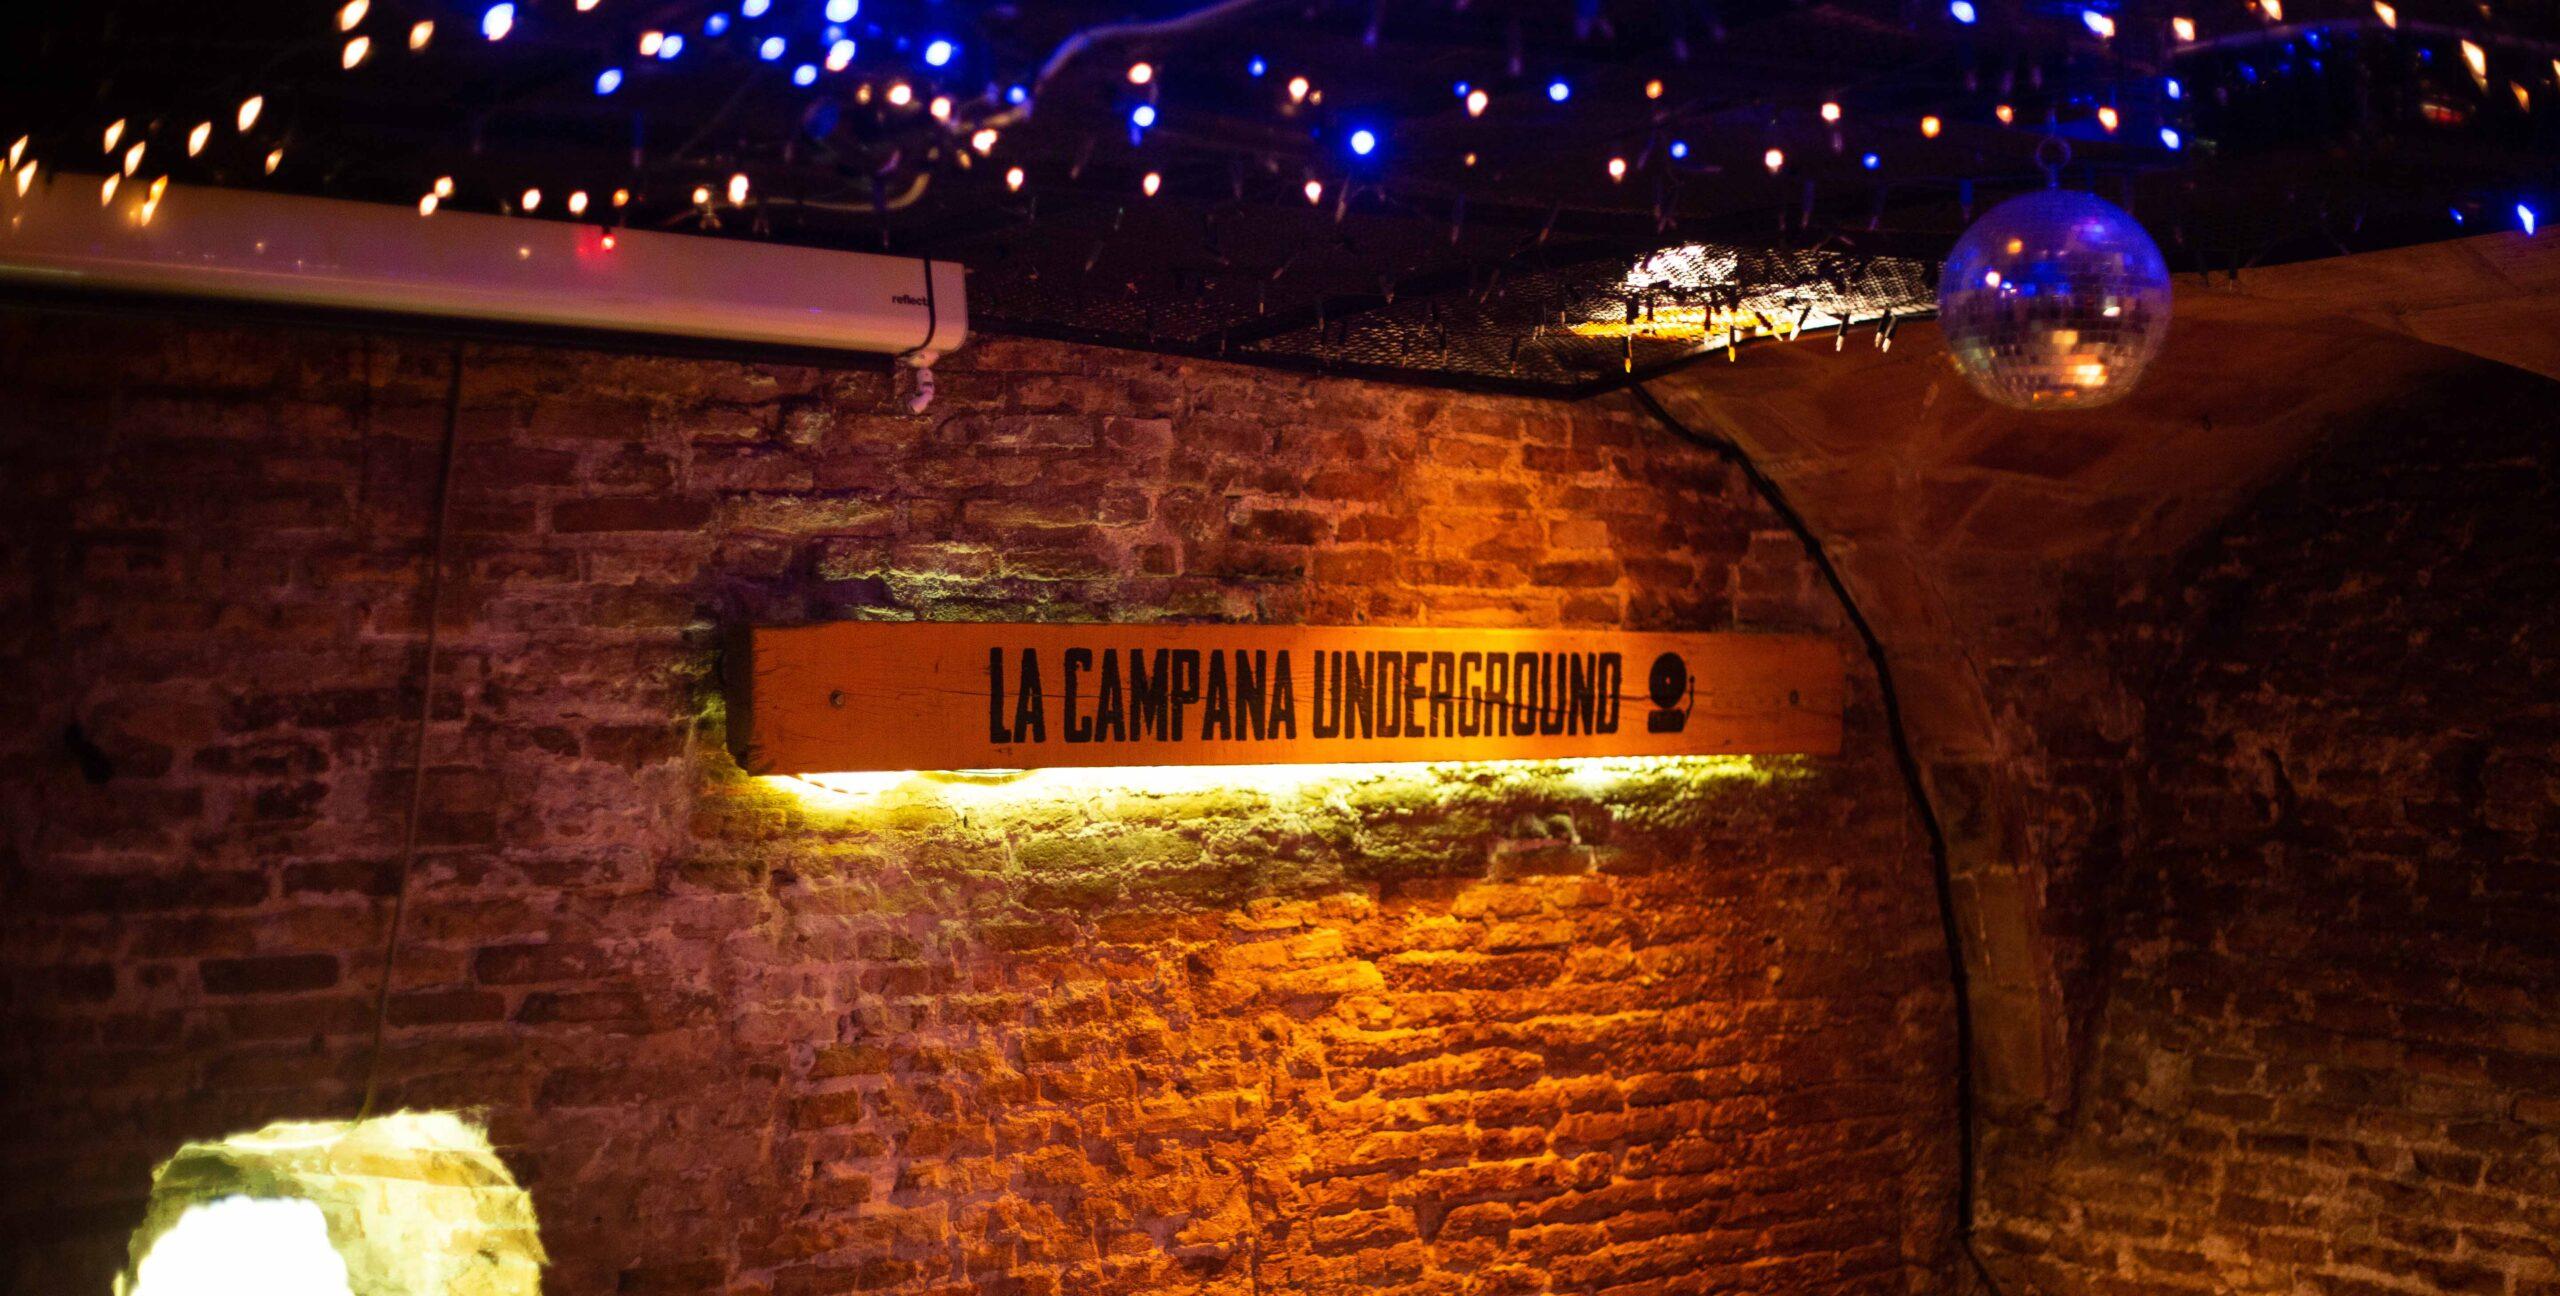 Pared del escenario de La Campana Underground Zaragoza. Las Salas siguen aquí.